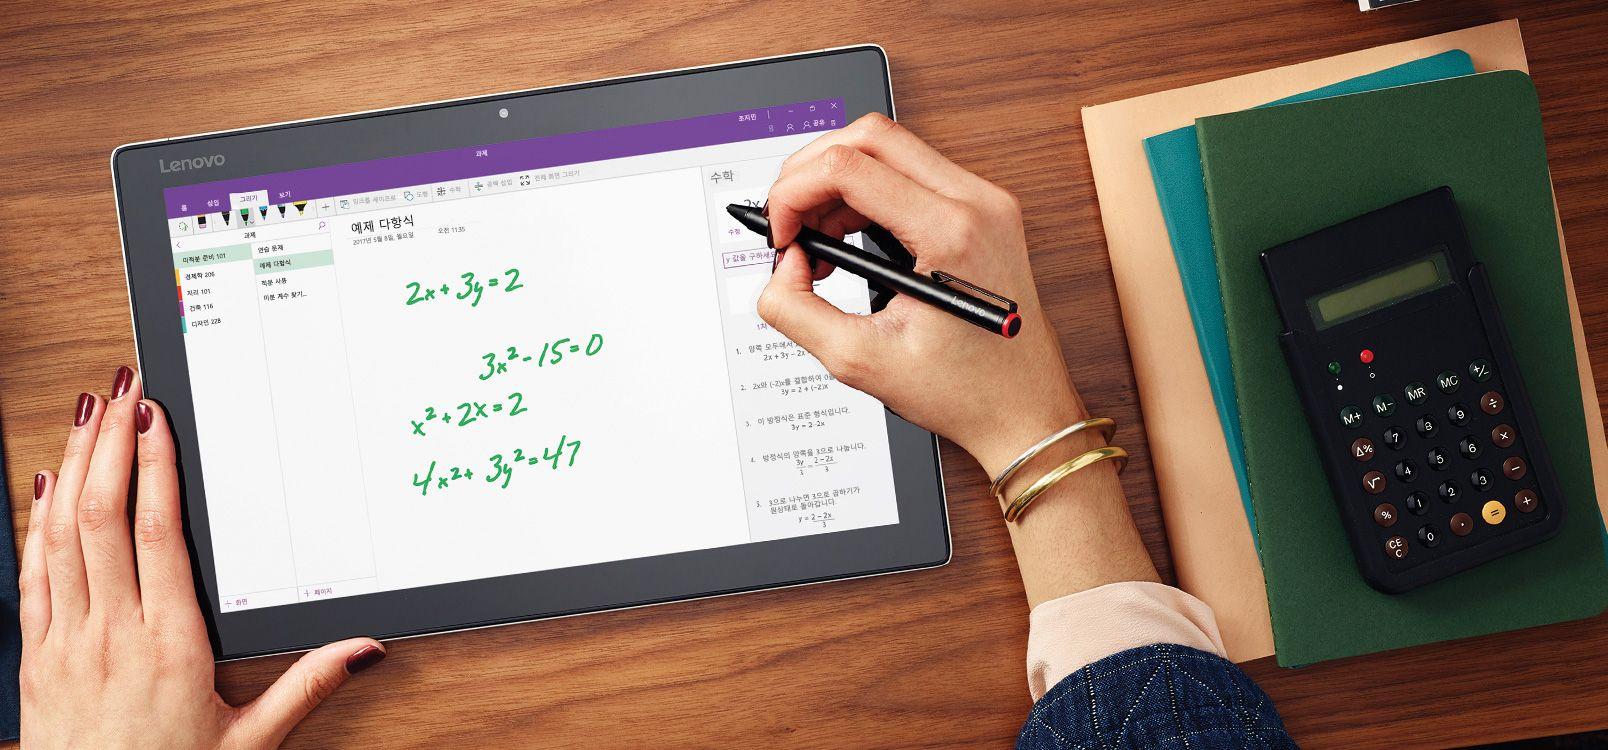 잉크 수학 도우미를 사용하는 OneNote를 보여주는 태블릿 화면